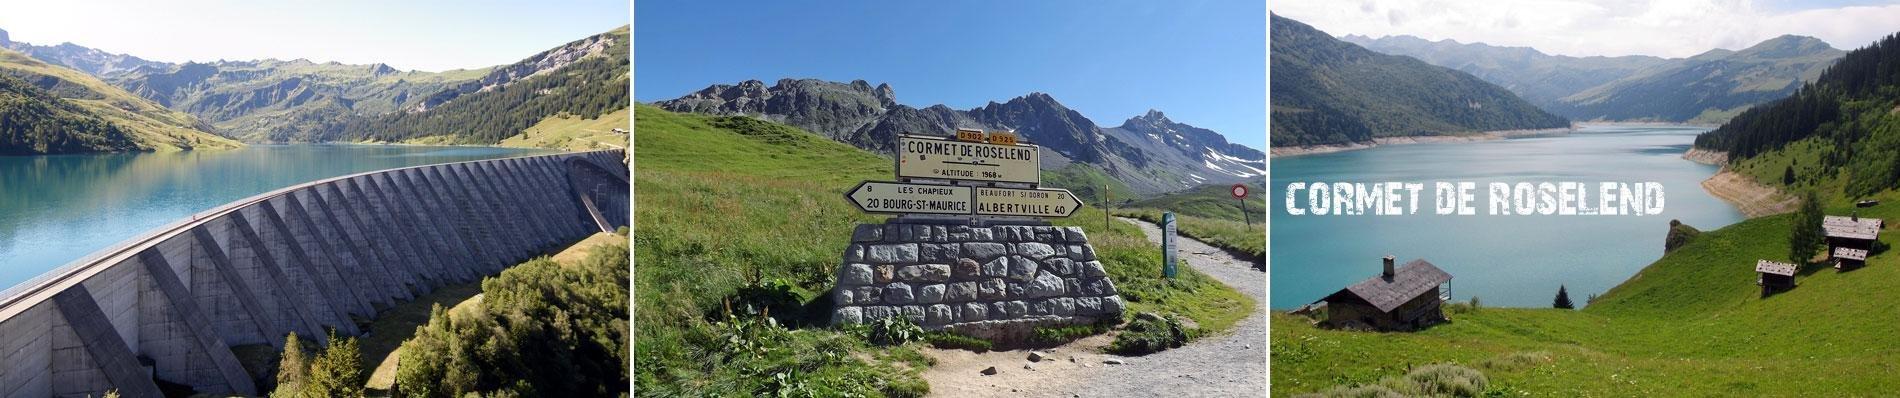 ROUTE-DES GRANDES ALPES cols fietsen alpen